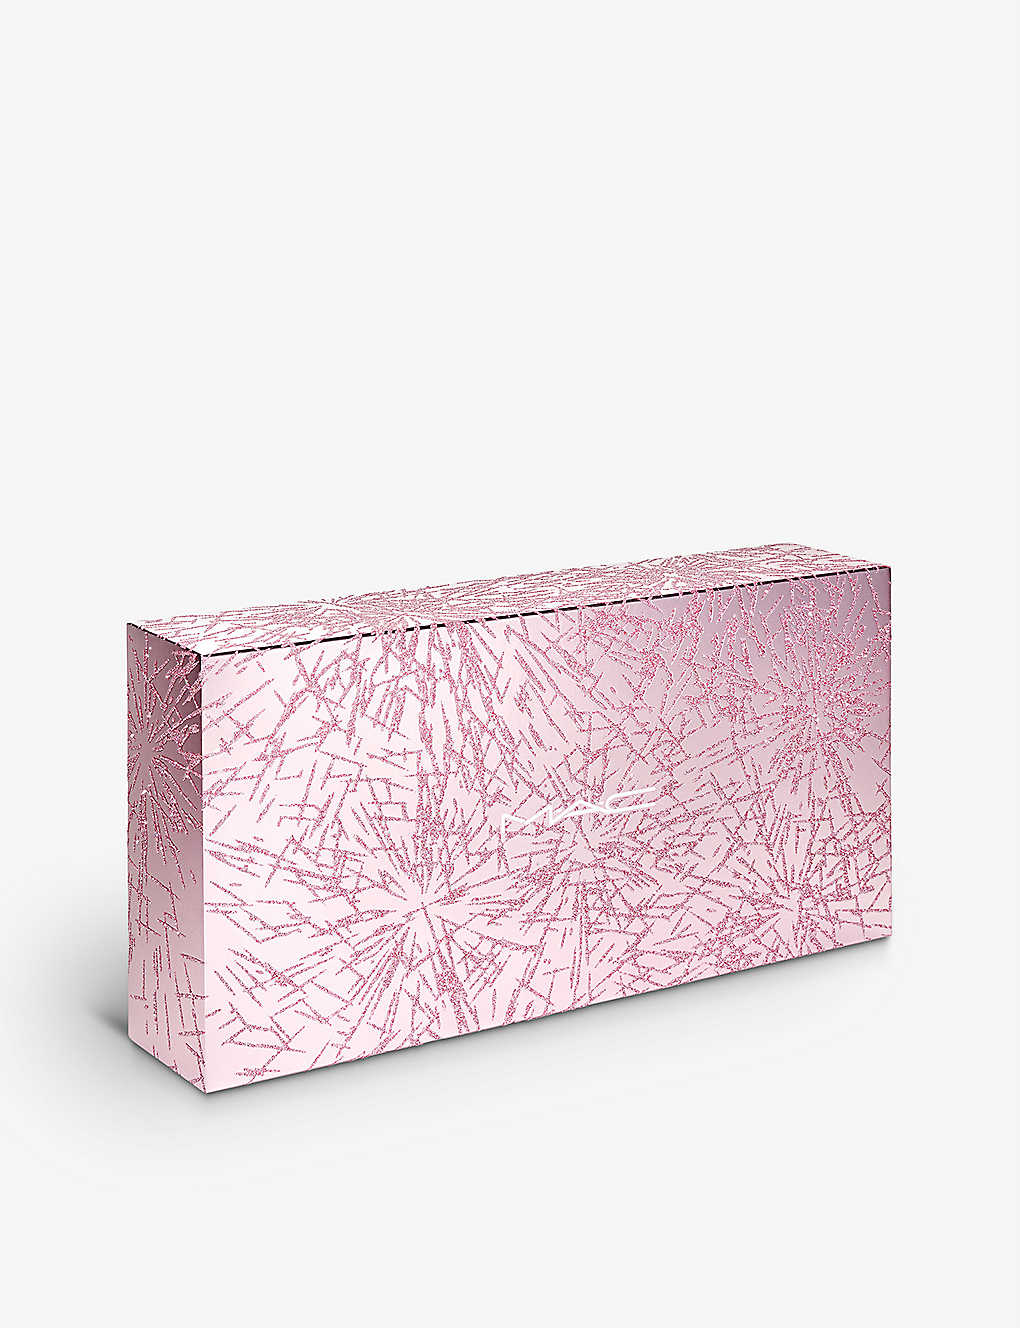 Mac Showstopper Powder Kiss Lipstick Makeup Gift Set 5 Piece Kit